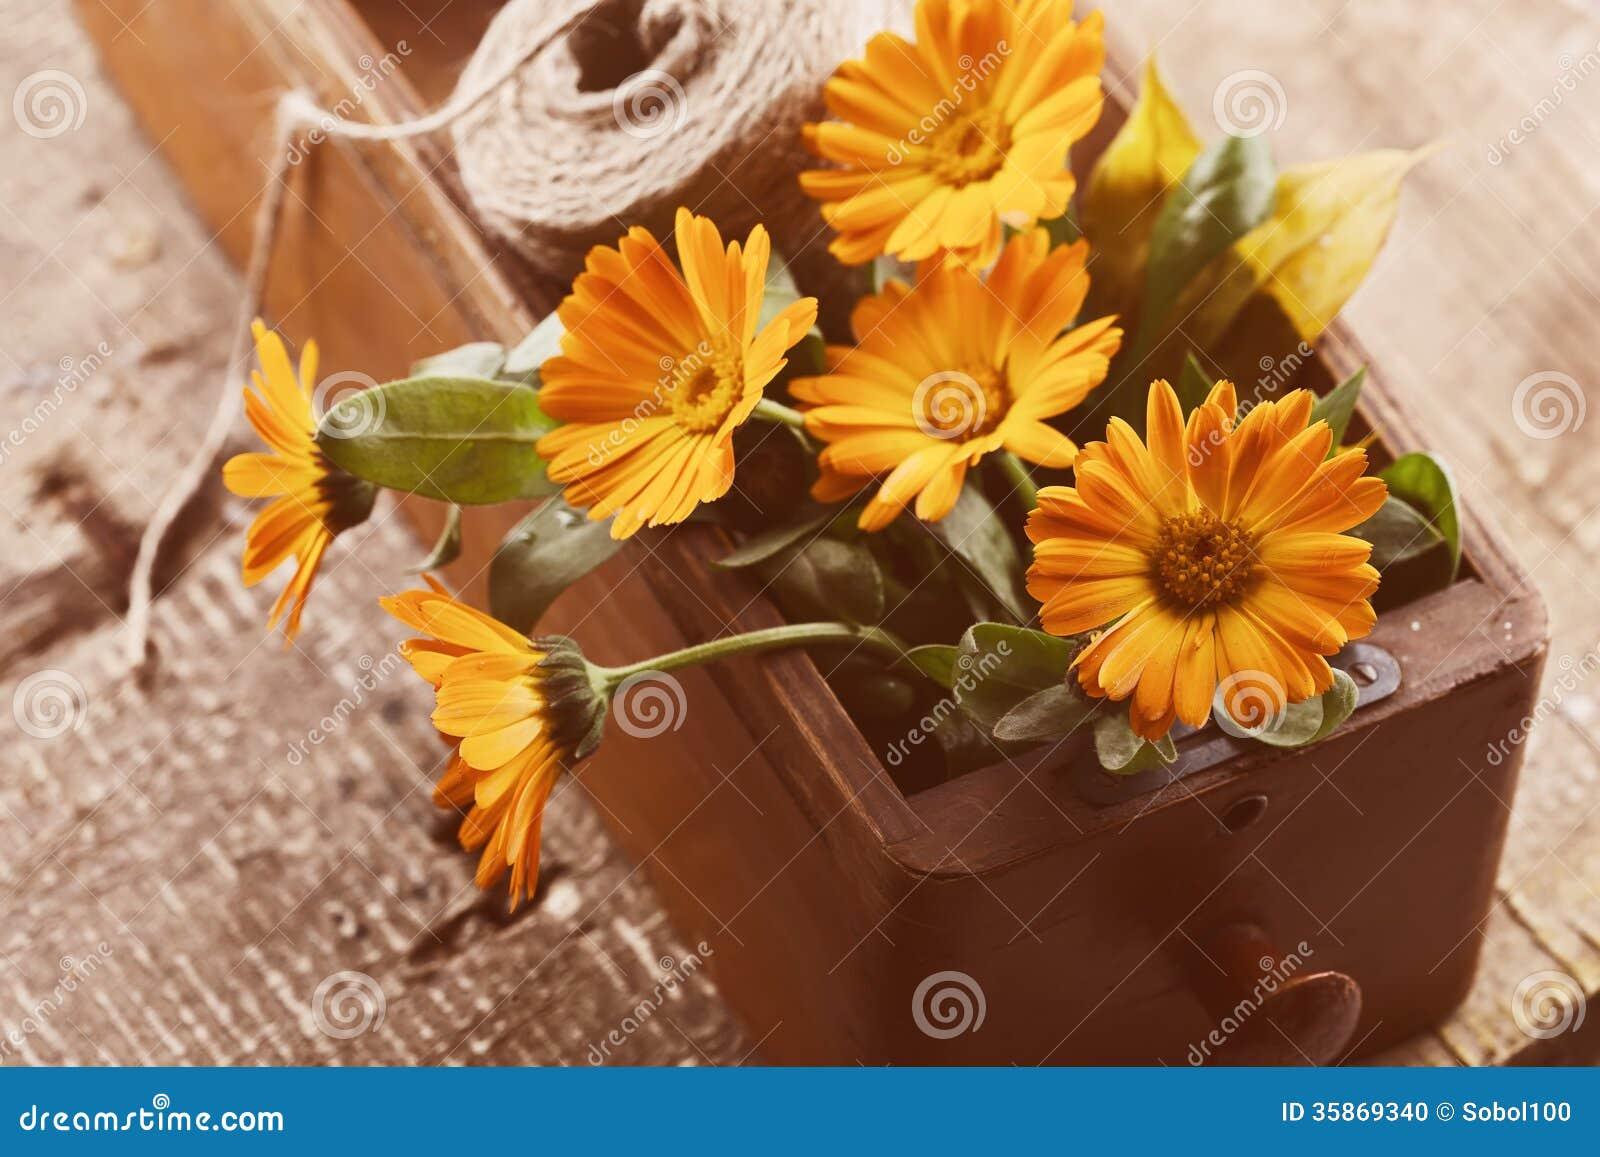 Fiori autunnali in scatola sulla tavola di legno for Immagini fiori autunnali